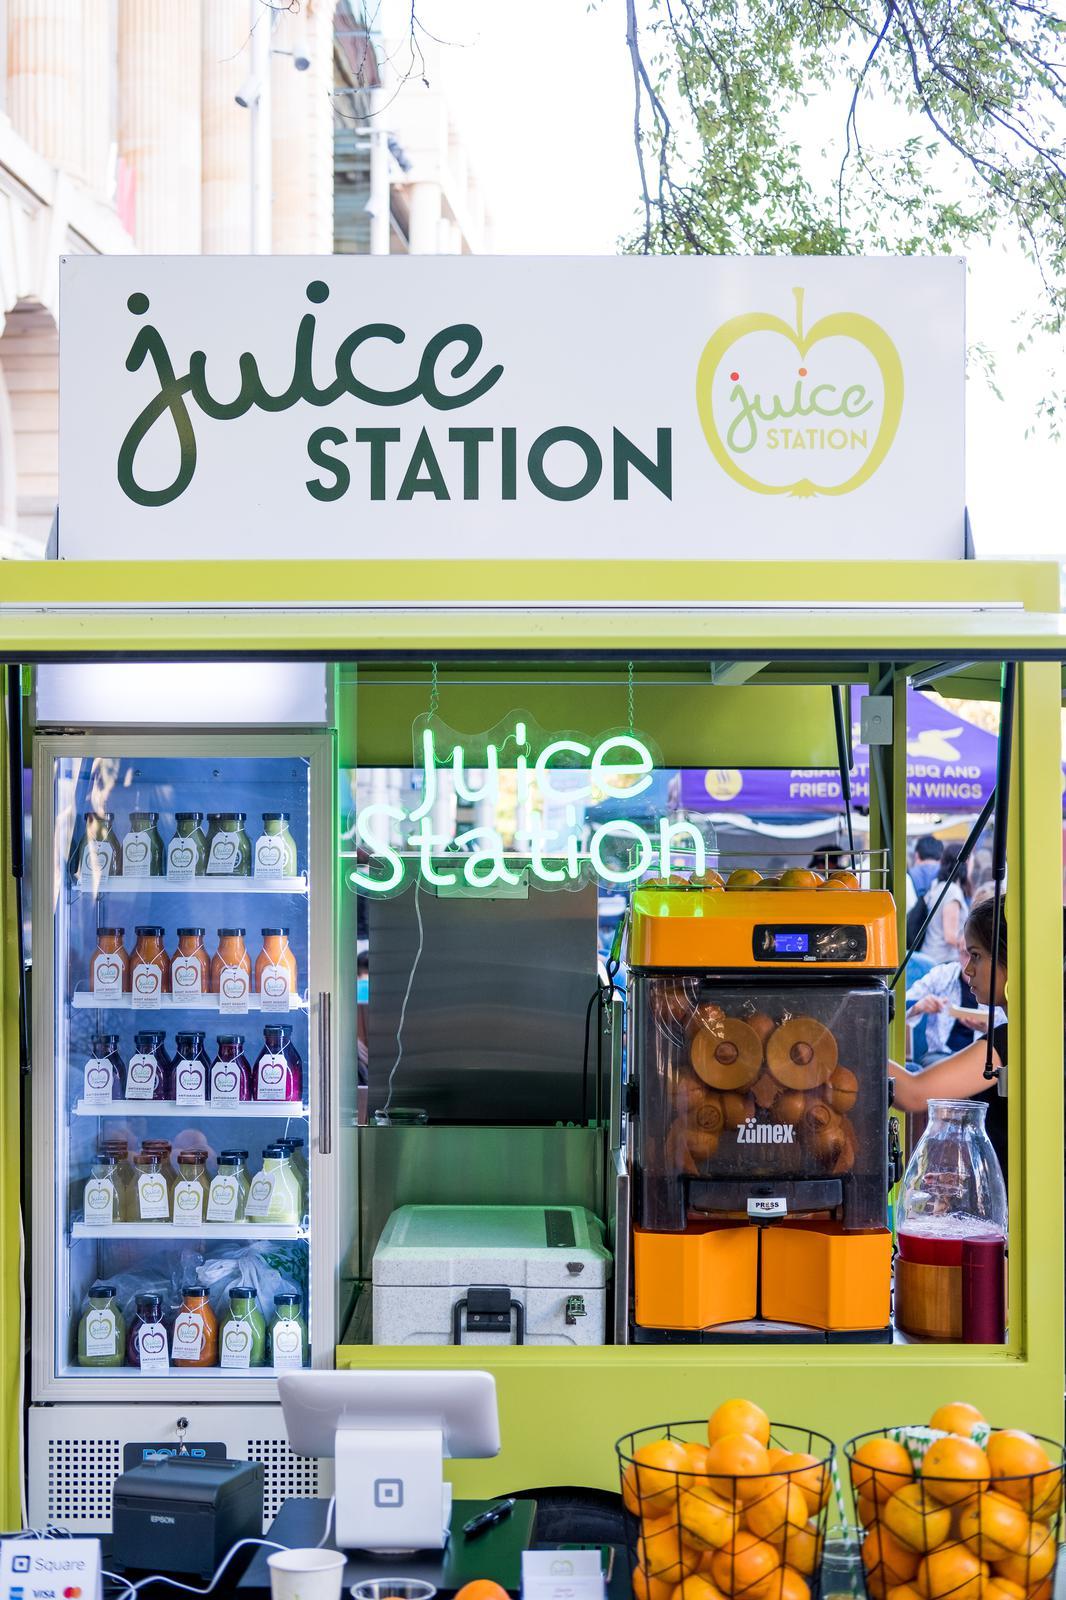 Juice Station Trailer Image